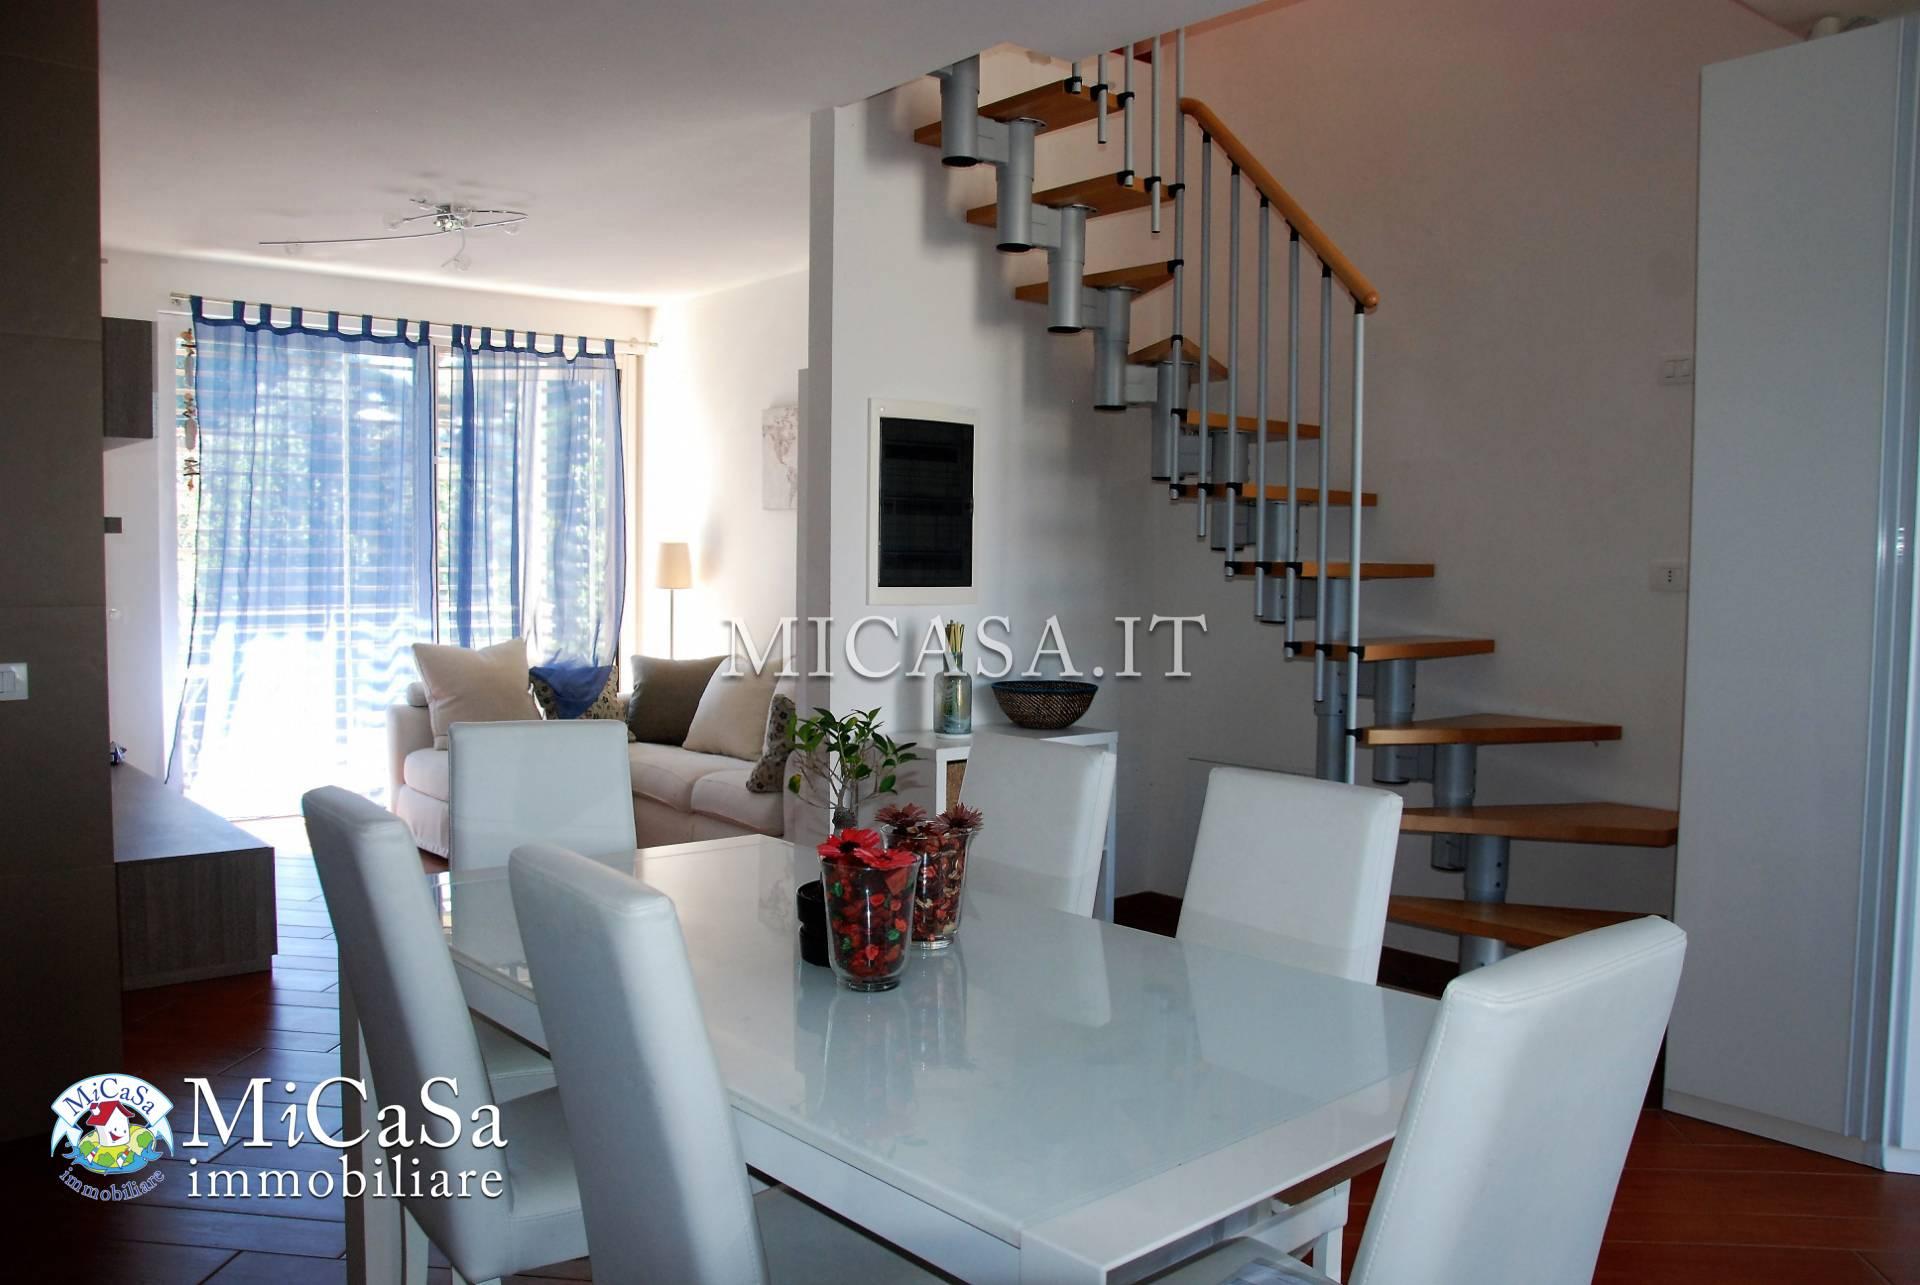 Appartamento in vendita a Pisa, 4 locali, zona Località: 1TIRRENIA, prezzo € 299.000 | PortaleAgenzieImmobiliari.it